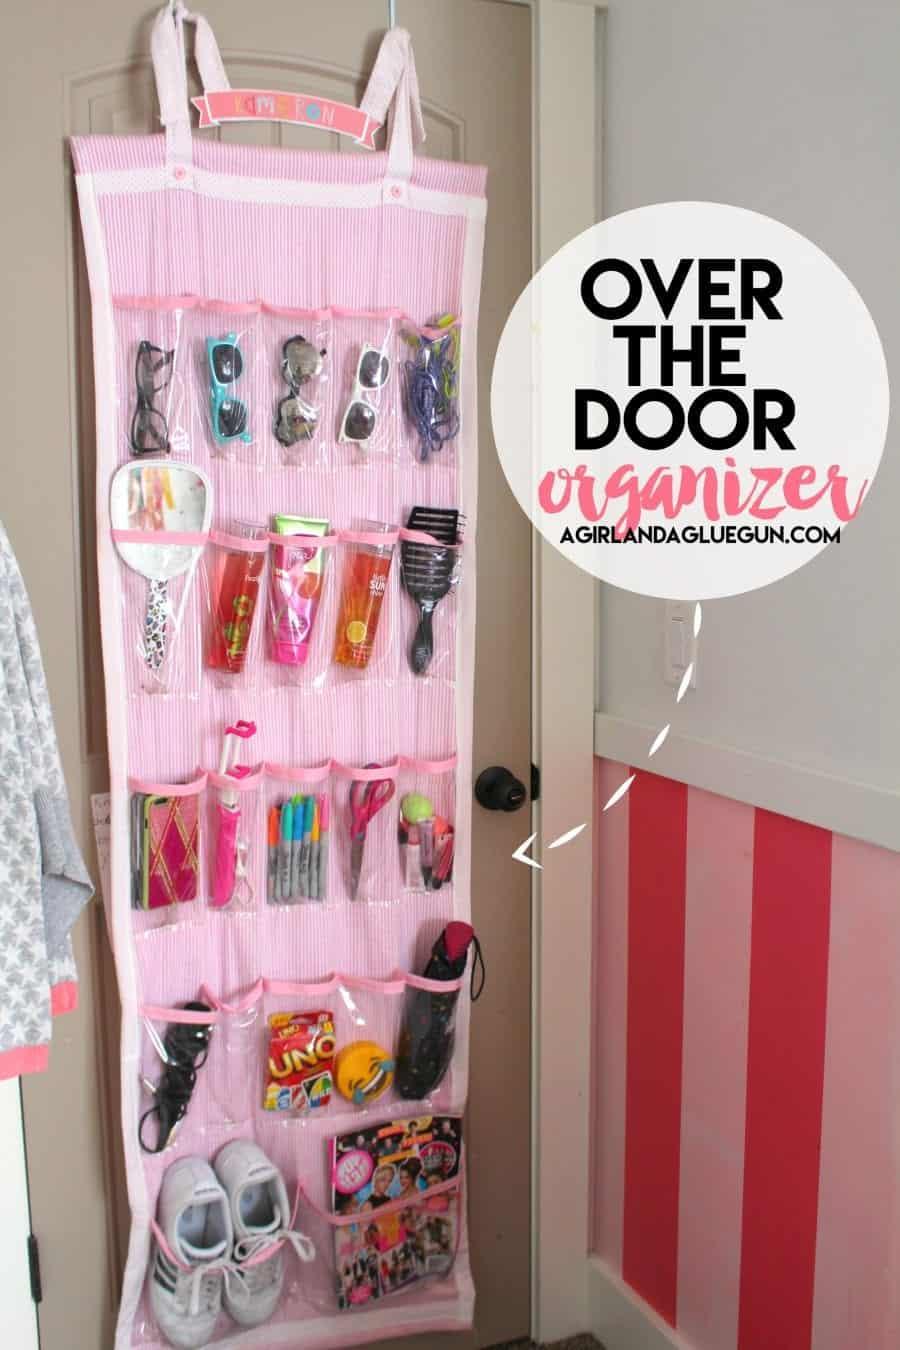 Fullsize Of Over The Door Organizer